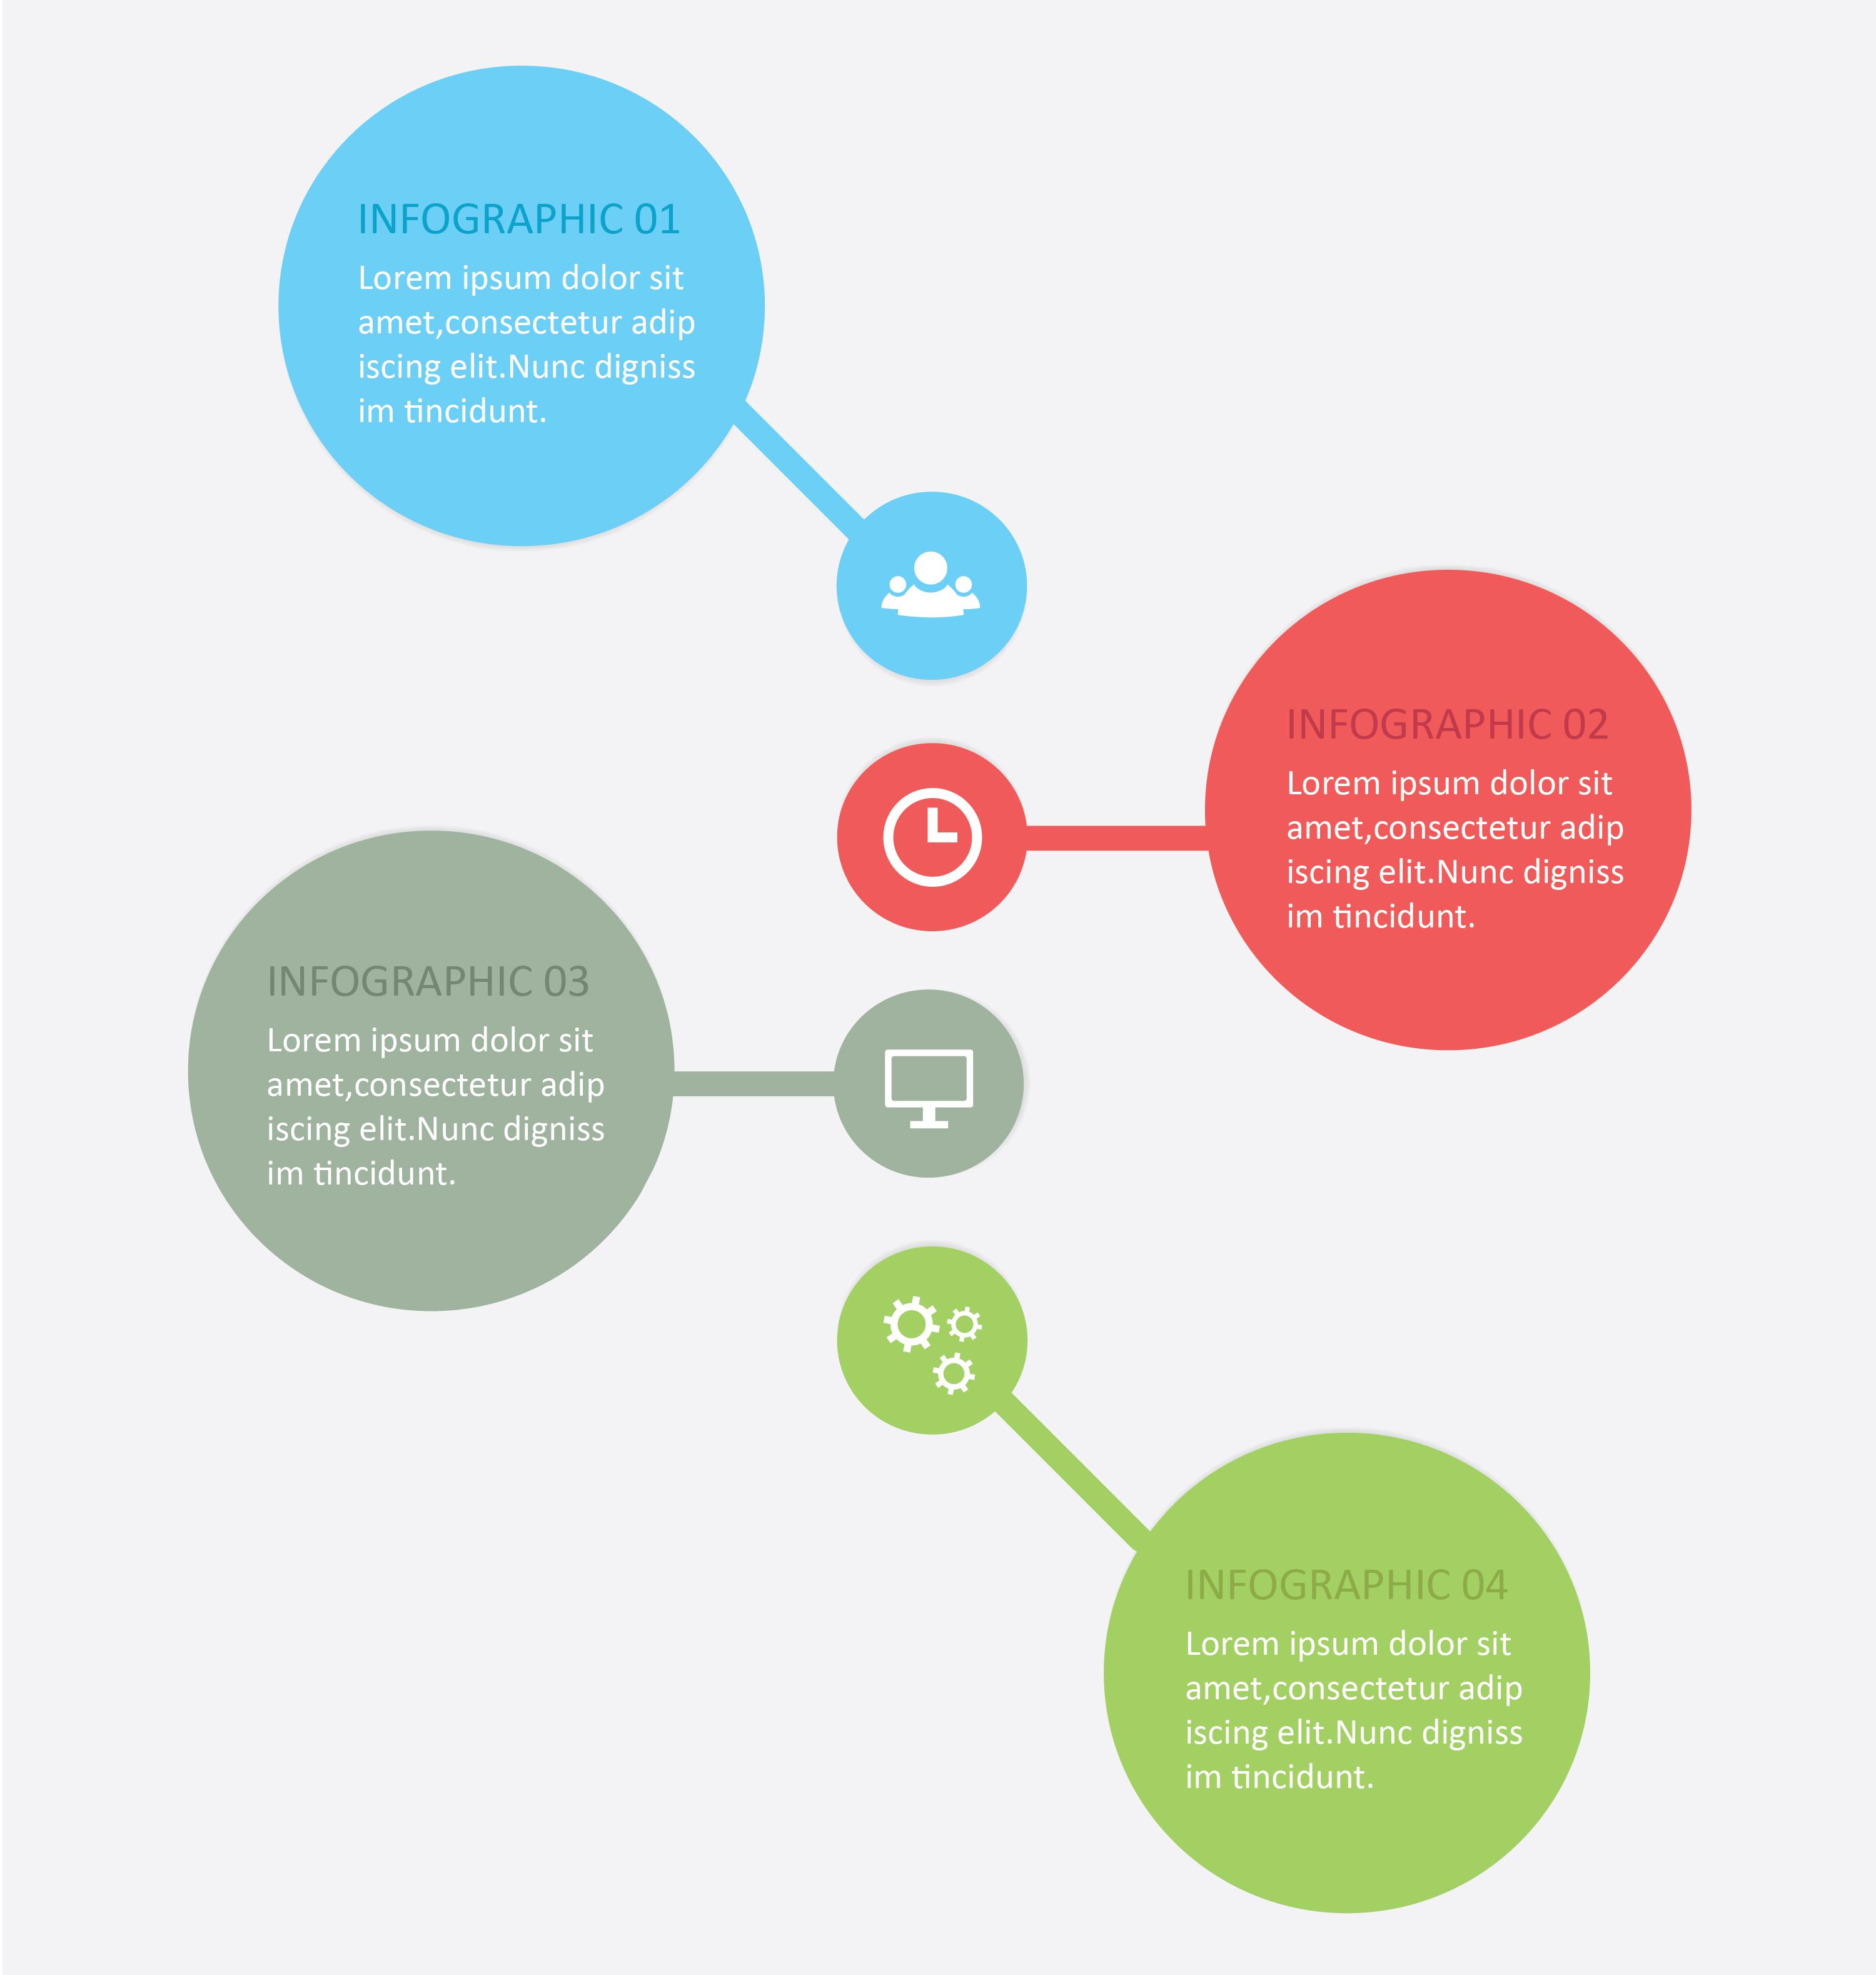 infographic 10